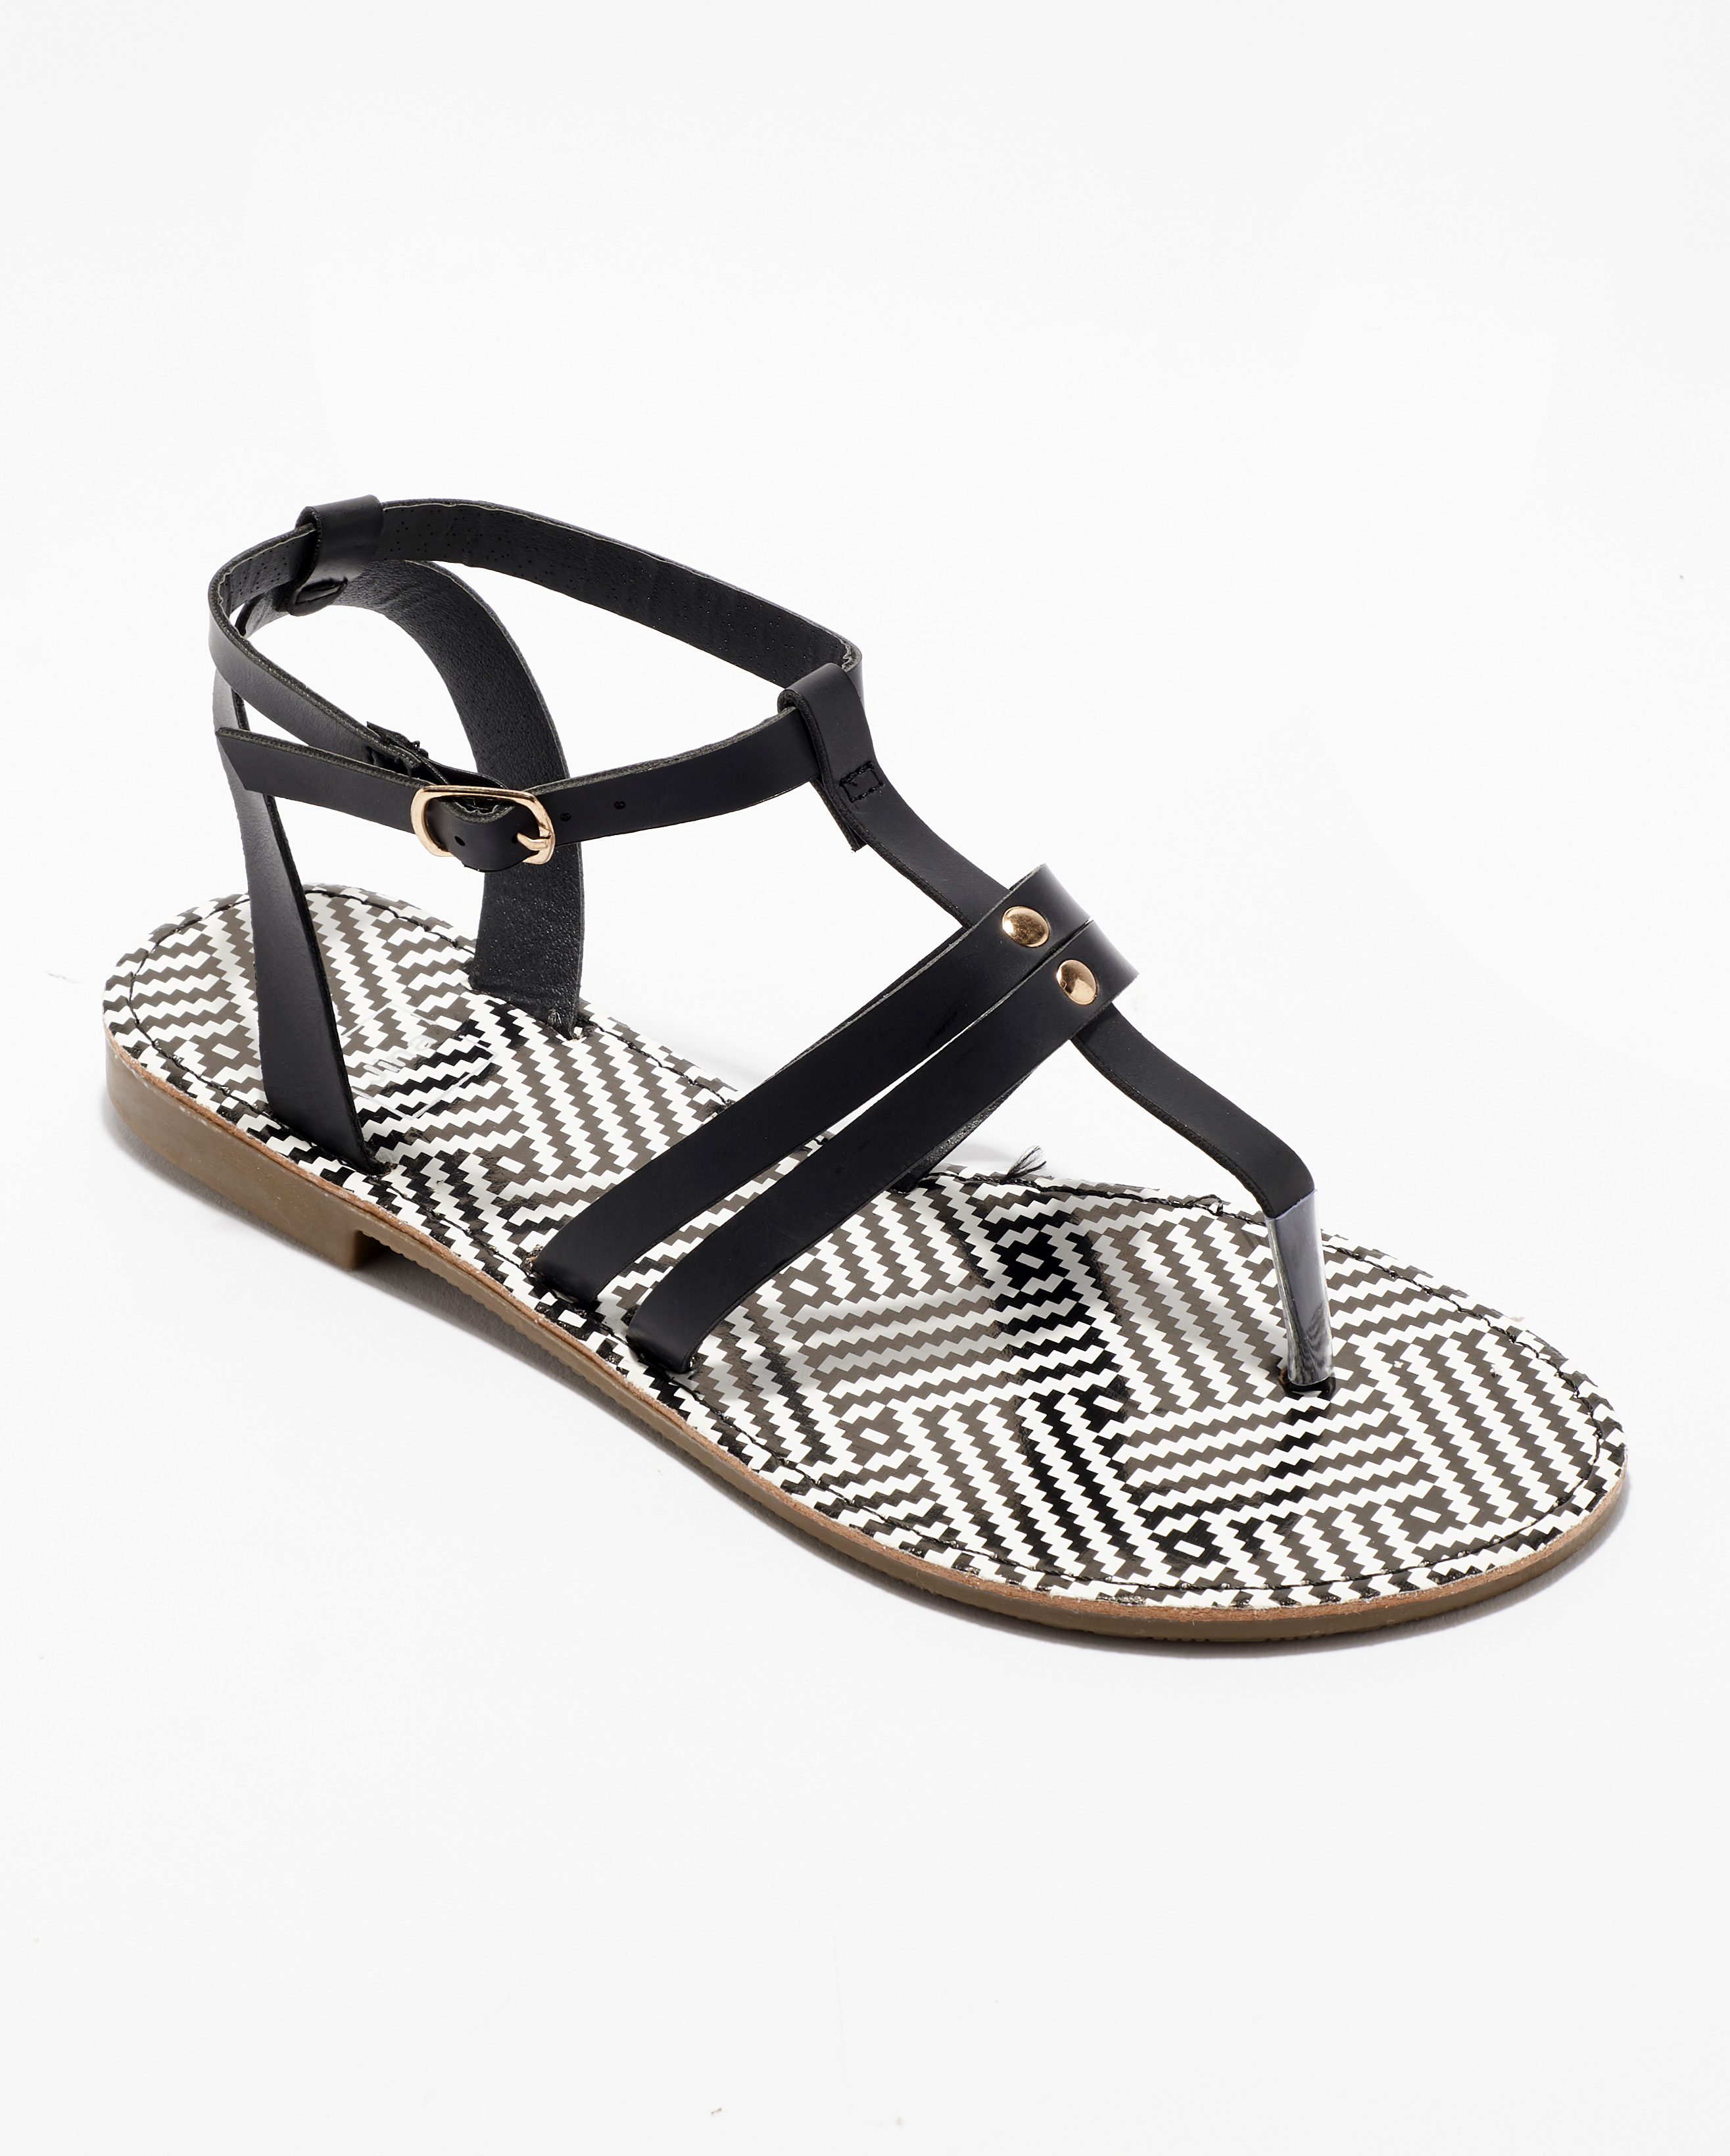 Sandales Fille - Sandale Ouverte Noir Jina - Sapl Zh4